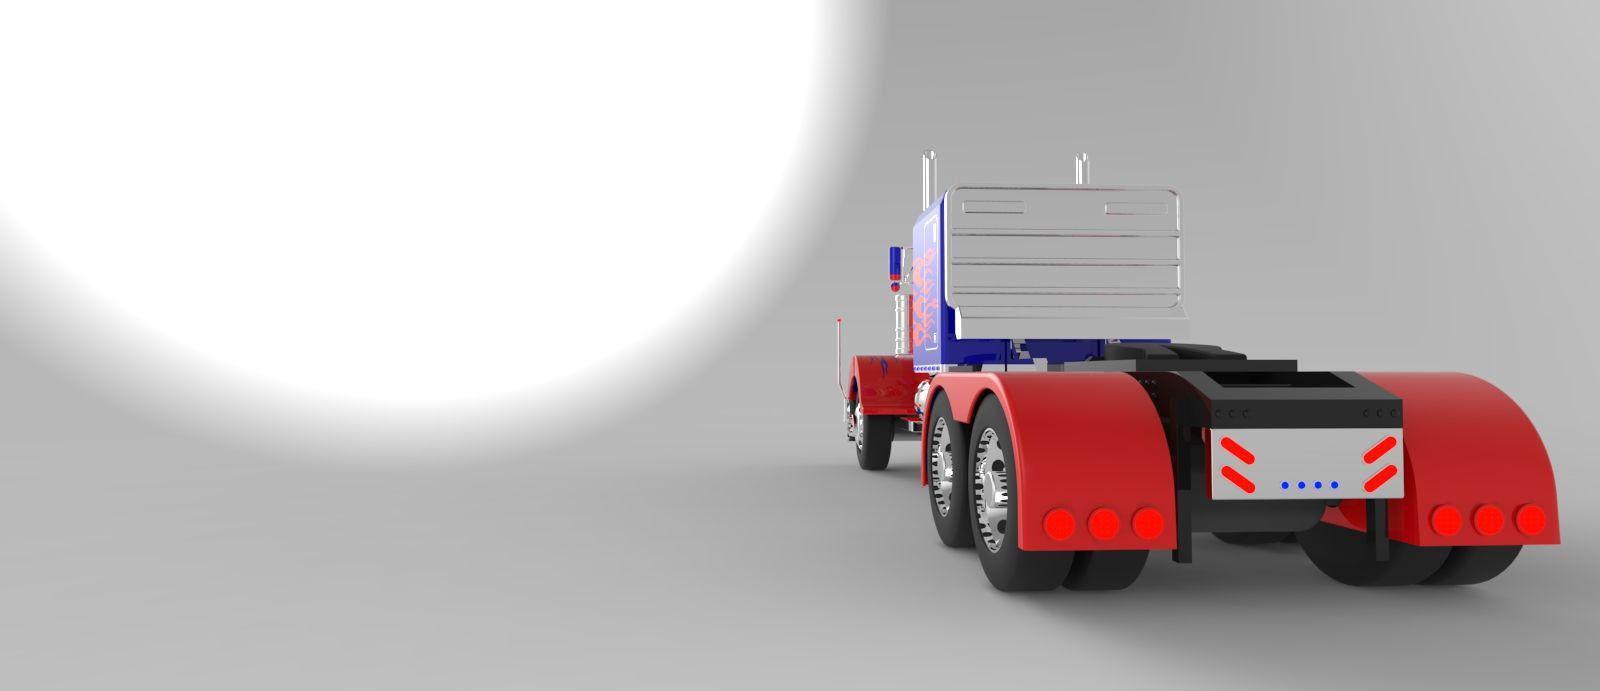 Optimus-43-3500-3500